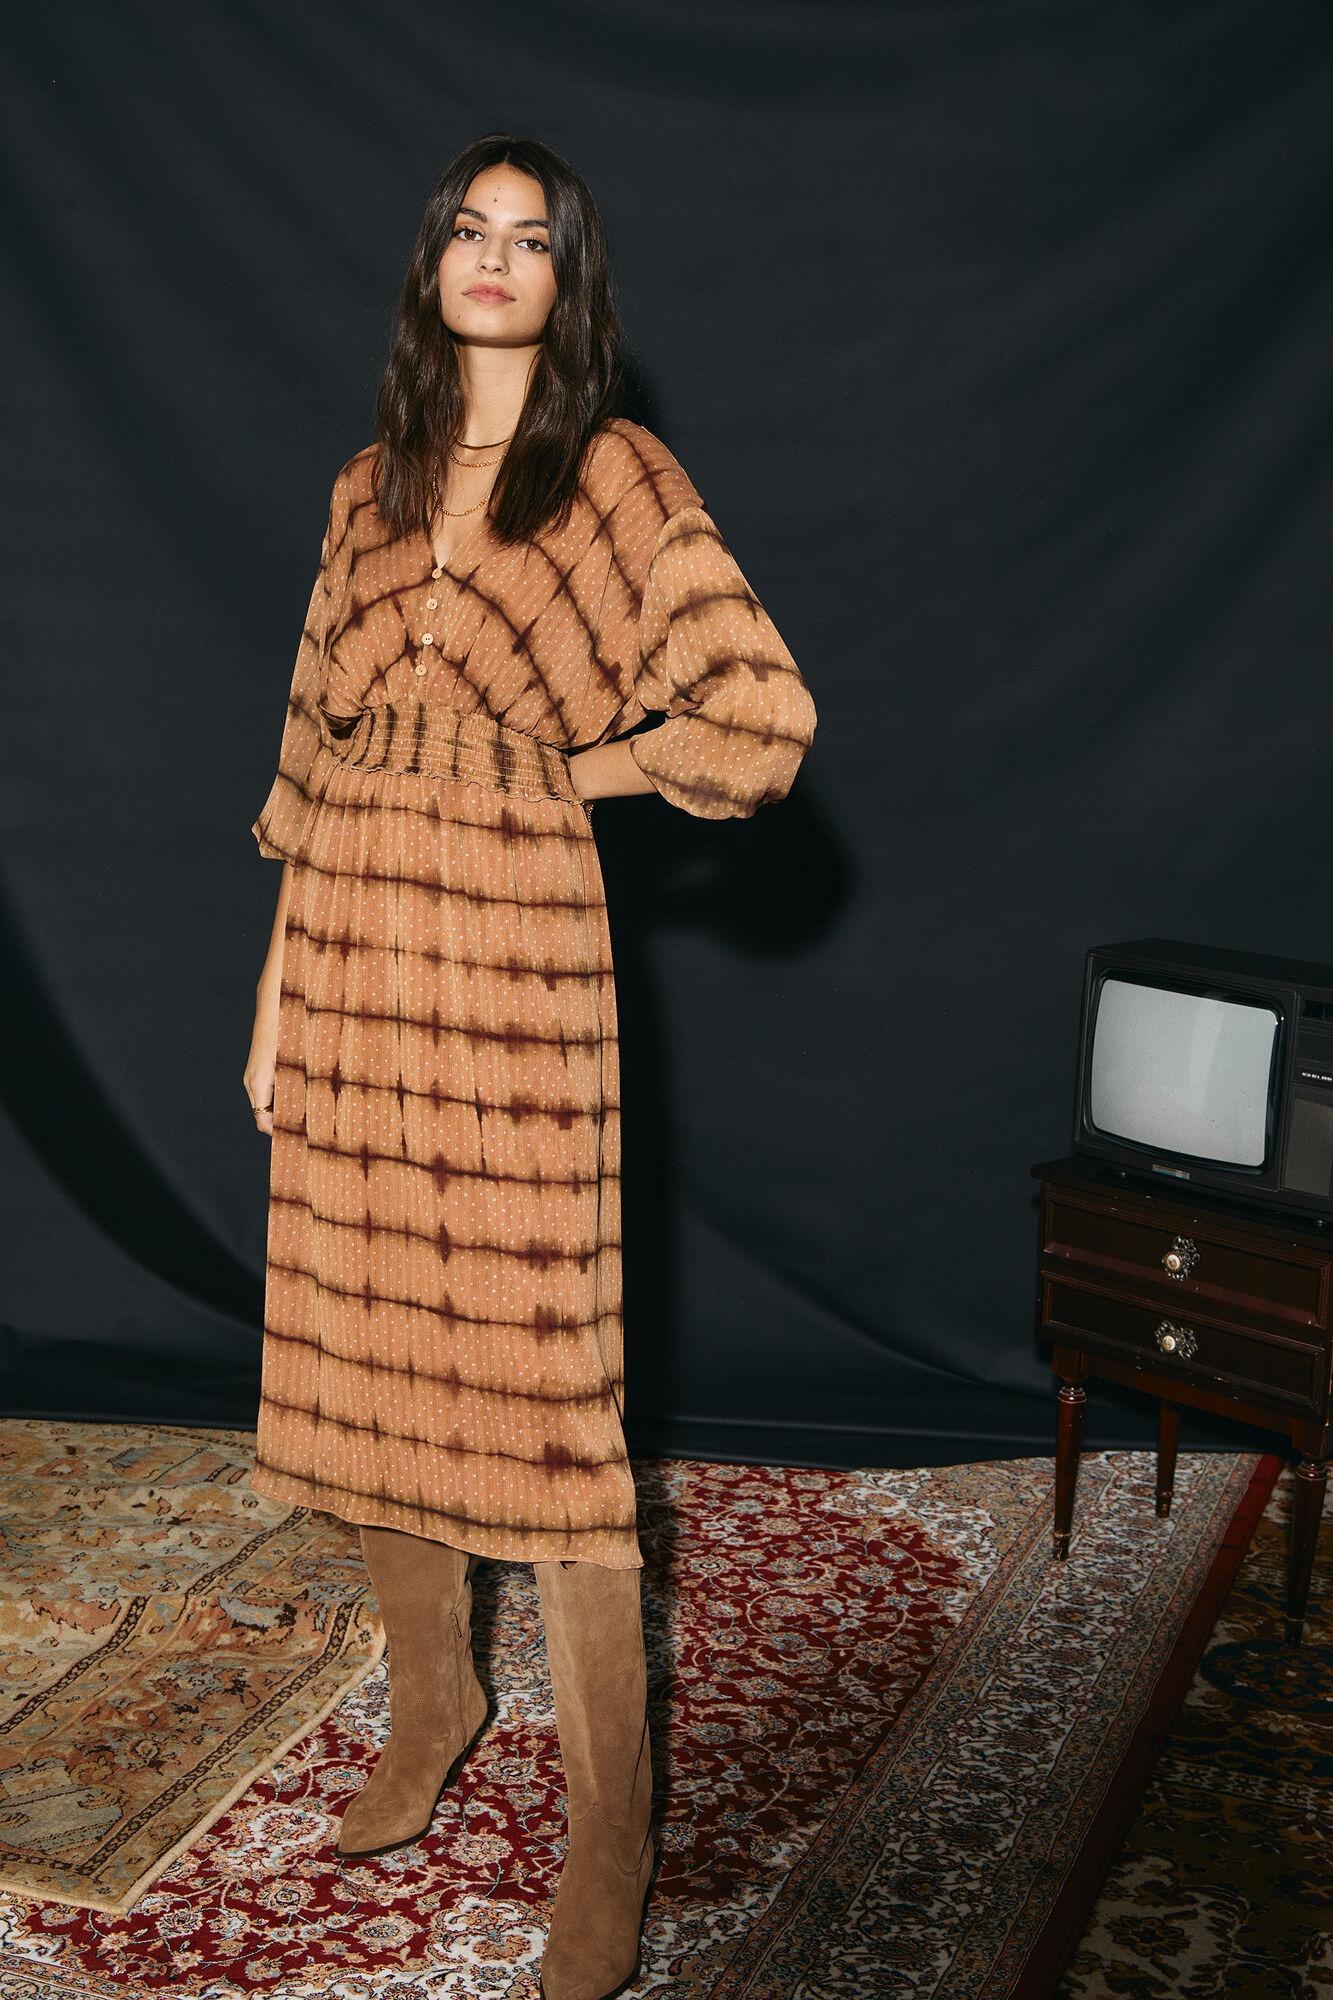 Vestido estampado de Slowlove